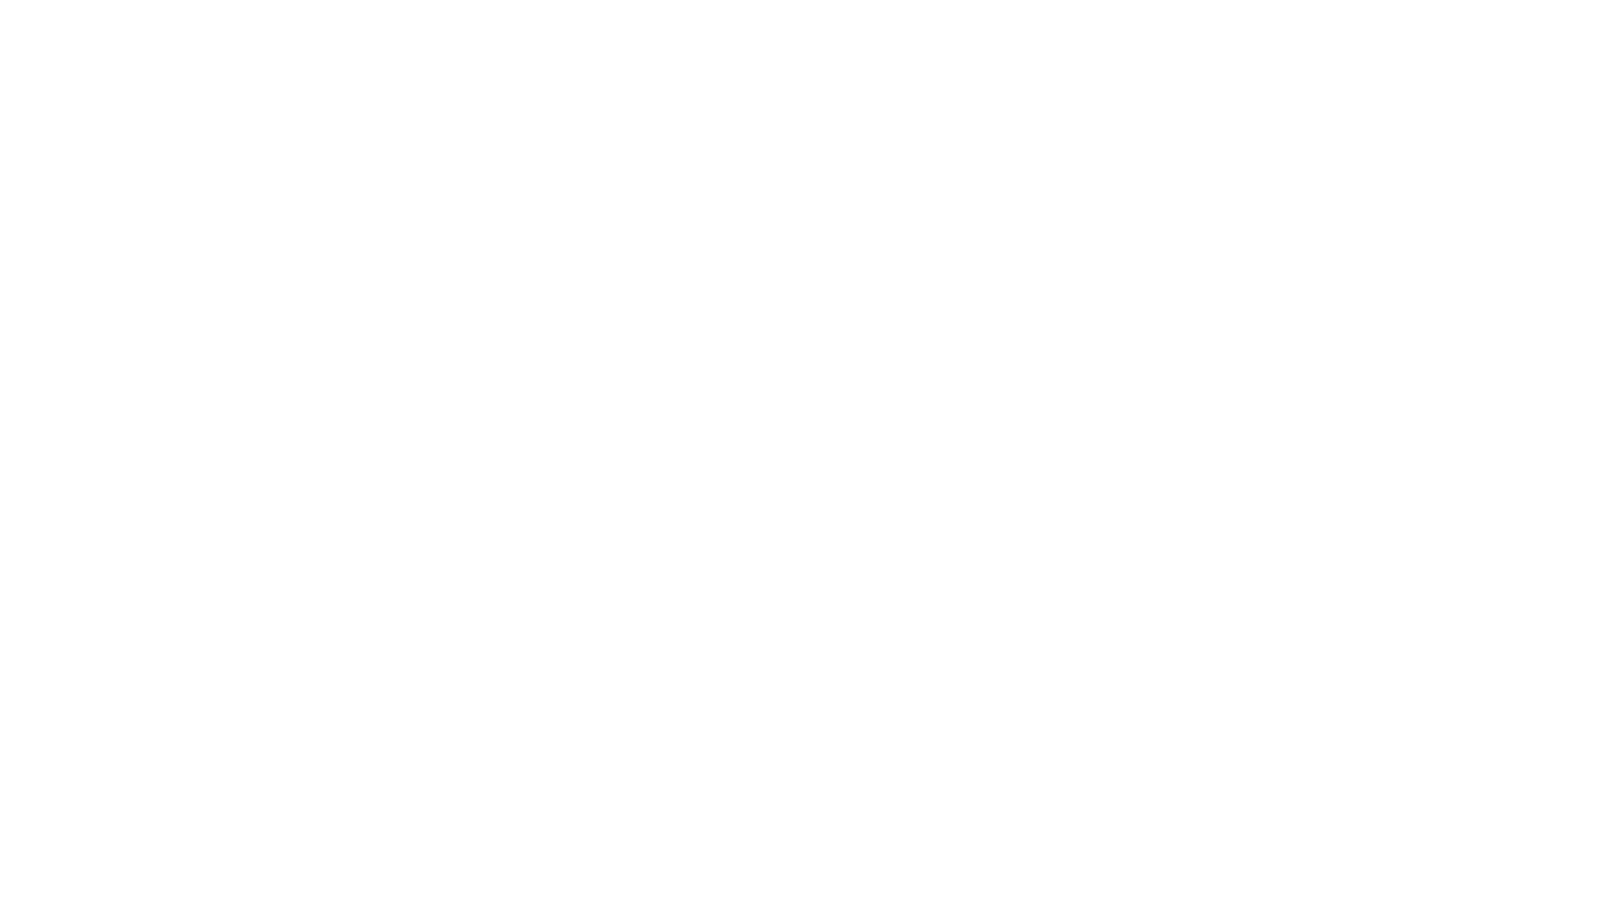 NONGHYUP FINANCIAL GROUP  NHFG, merupakan Grup Keuangan Global Terkemuka di Asia  NHFG memiliki visi masa depan tentang kesejahteraan petani dan nilai maksimum bagi pelanggan. Kami akan terus memenuhi peran kami dalam mendukung petani, pertanian, dan komunitas petani dan memperkuat posisi kami sebagai penyedia layanan keuangan yang komprehensif untuk tumbuh sebagai grup keuangan koperasi global terkemuka di Asia.  Perusahaan NH Investment Securities, Perusahaan induk dari NH Korindo Securities, adalah salah satu perusahaan subsidiari yang luar biasa di NONGHYUP FINANCIAL GROUP dan merupakan perusahaan sekuritas NO.1 di Korea.  Oleh karena itu NH Korindo Sekuritas Indonesia adalah anggota dari NHFG, Kami ingin memperkenalkan keluarga kami kepada Anda.  __________________________________________________________________ NONGHYUP FINANCIAL GROUP  NHFG, Asia's Leading Global Cooperative Financial Group   NHFG envision an abundant future for farmers and maximum value for customers. We will fulfill our inherent role of supporting farmers, agriculture, and farming communities and strengthen our leadership as a comprehensive financial service provider to grow as Asia's leading global cooperative financial group.  NH Investment Securities company, the Holding company of NH Korindo Securities, is the one of outstanding subsidiary company in NONGHYUP FINANCIAL GROUP and NO.1 securities company in Korea.  Therefore NH Korindo securities Indonesia is a member of NHFG, We would like to introduce our family to you.